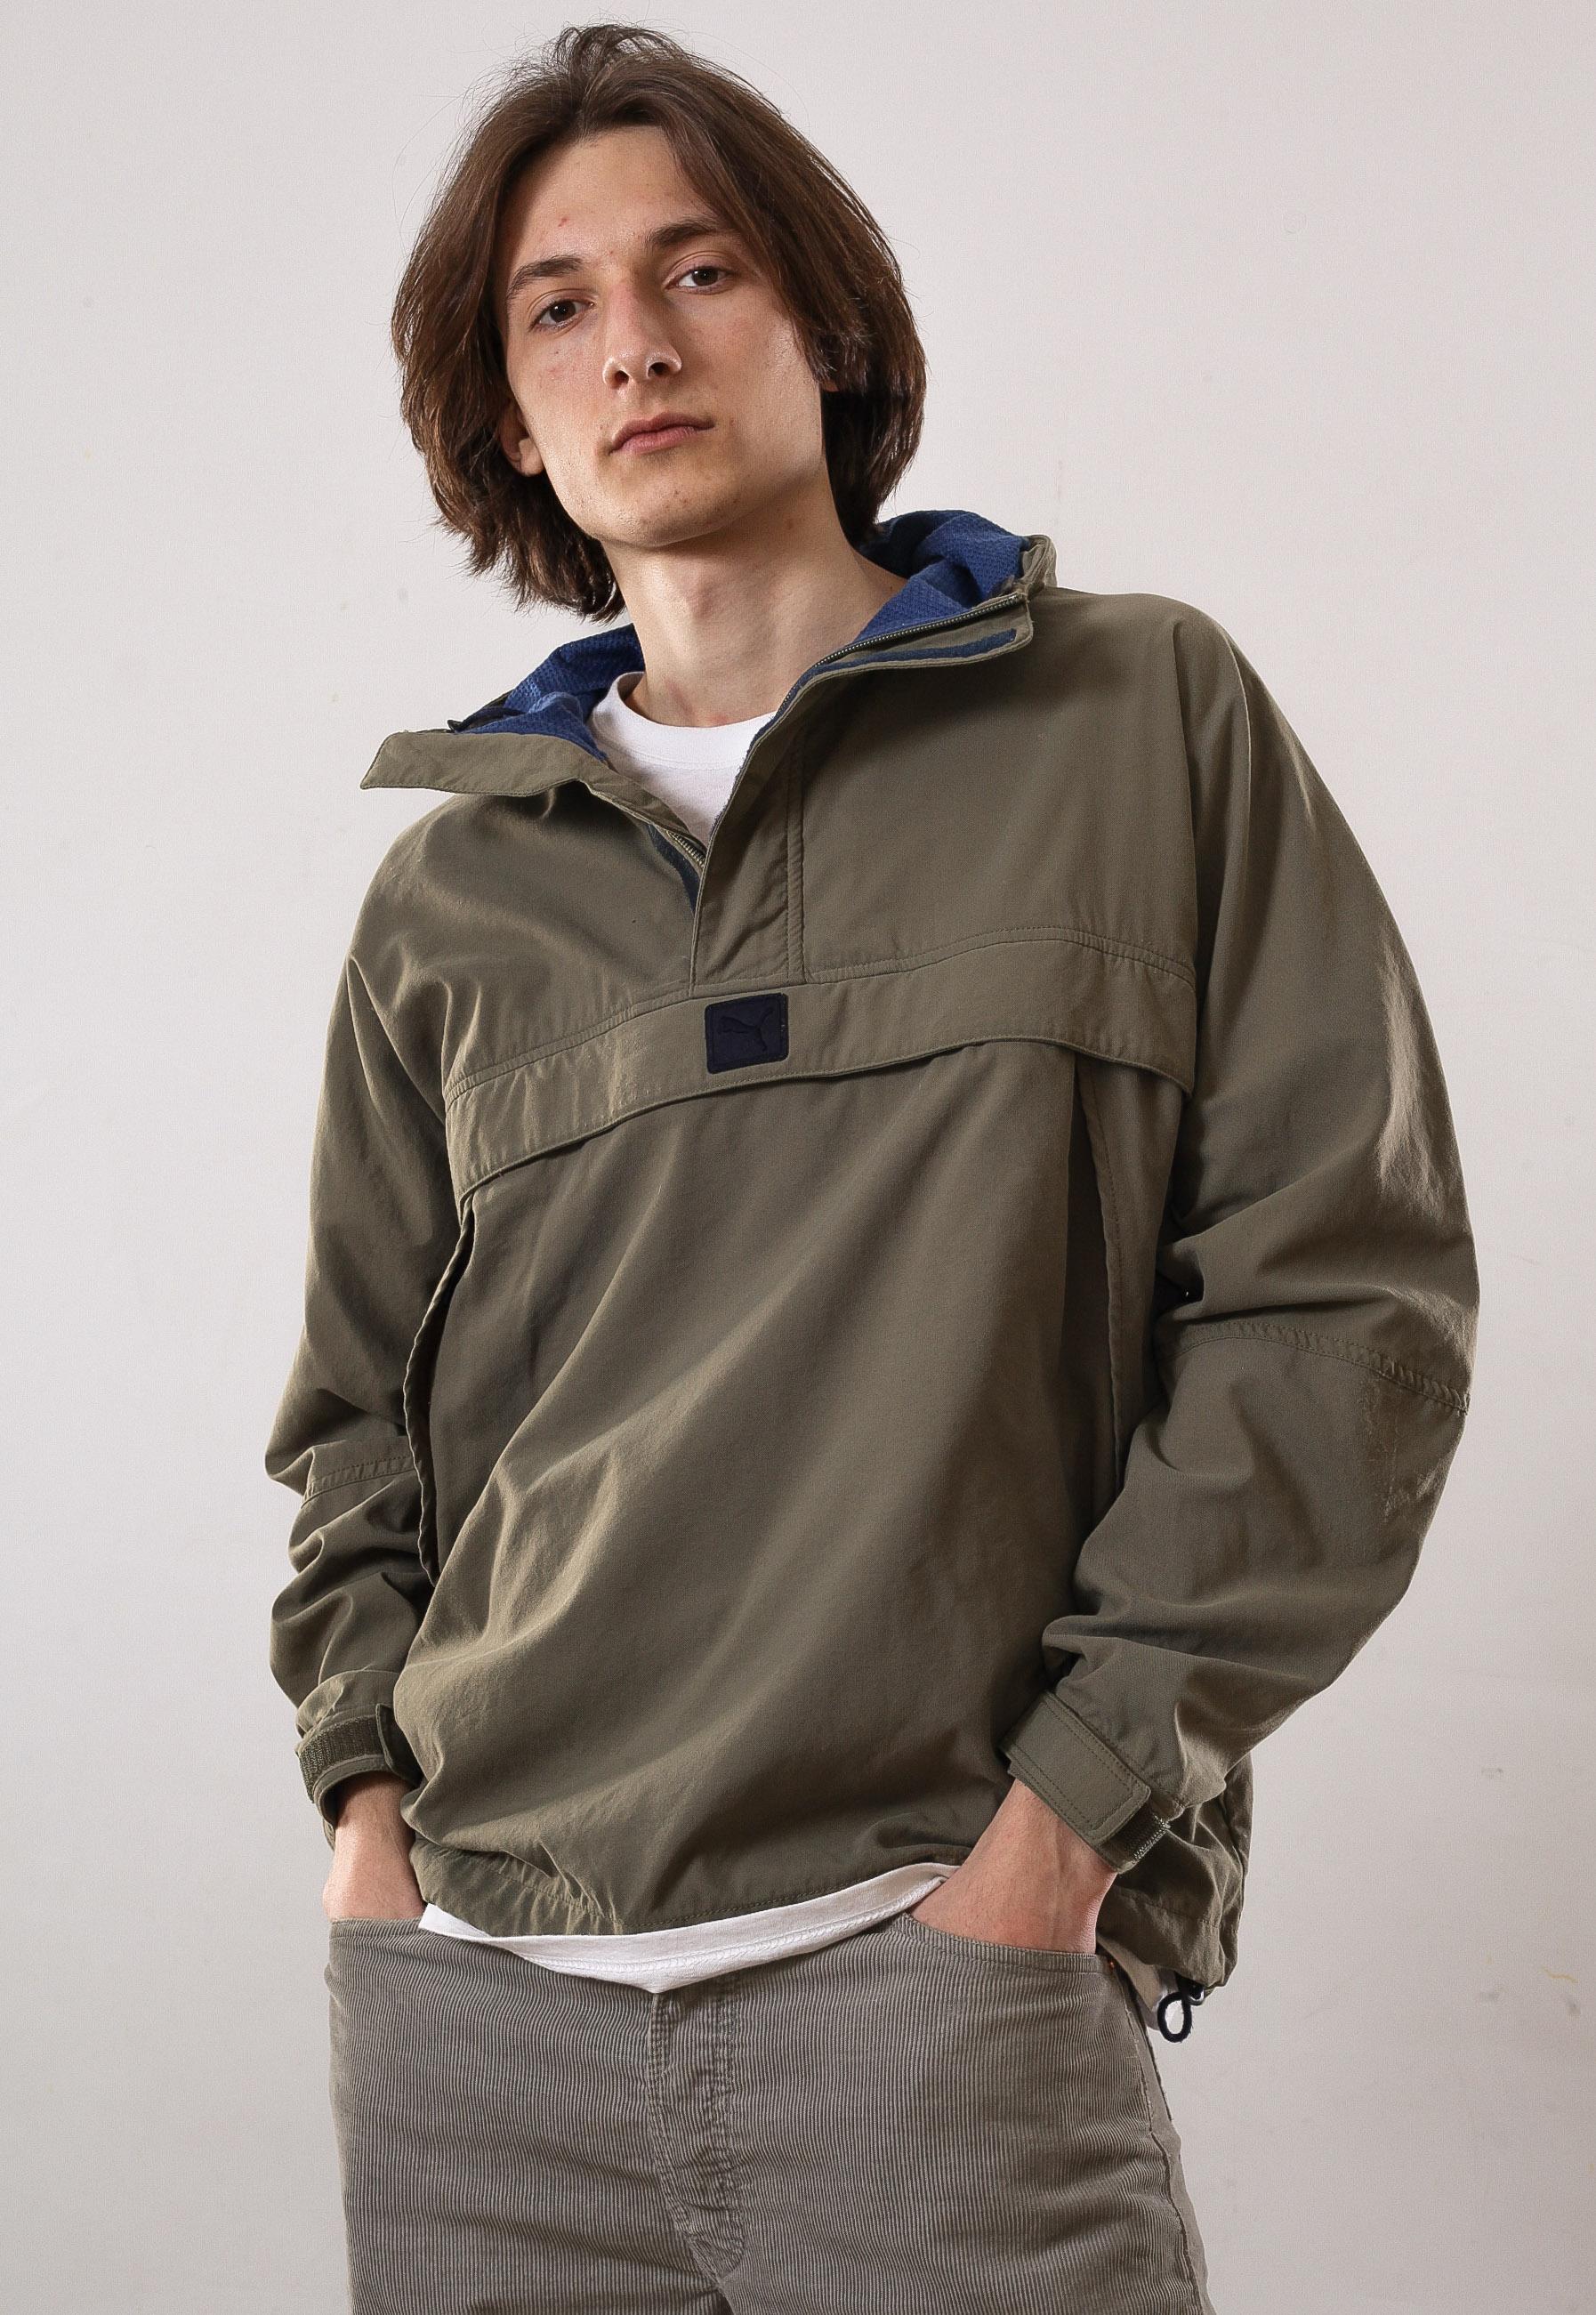 29c99c149239d А0525JK - 90's Vintage mens PUMA Pullover Windbreaker Half Zip Jacket  Anorak Coat